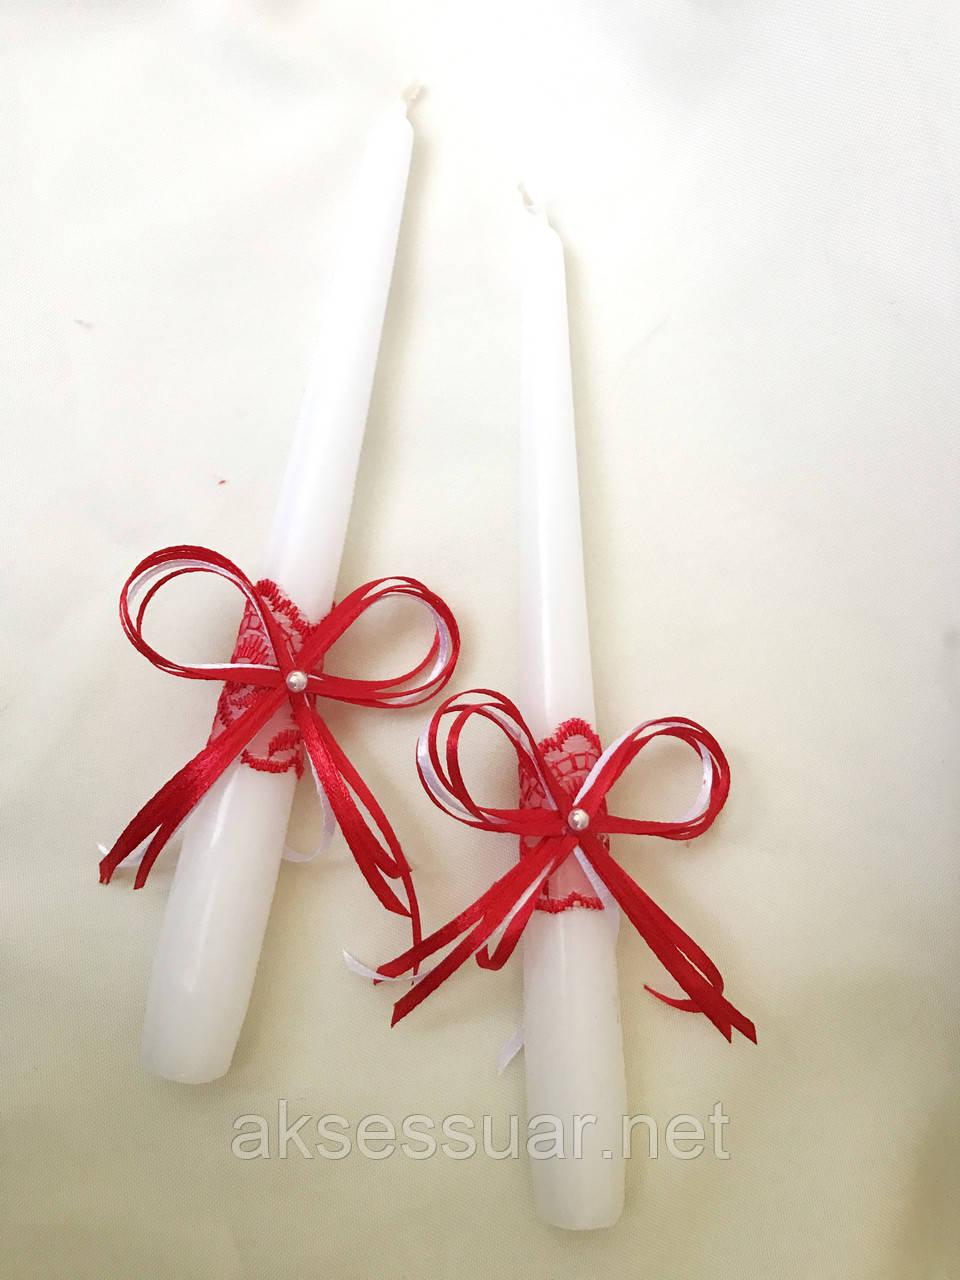 Свадебные свечи для венчания и обряда семейный очаг